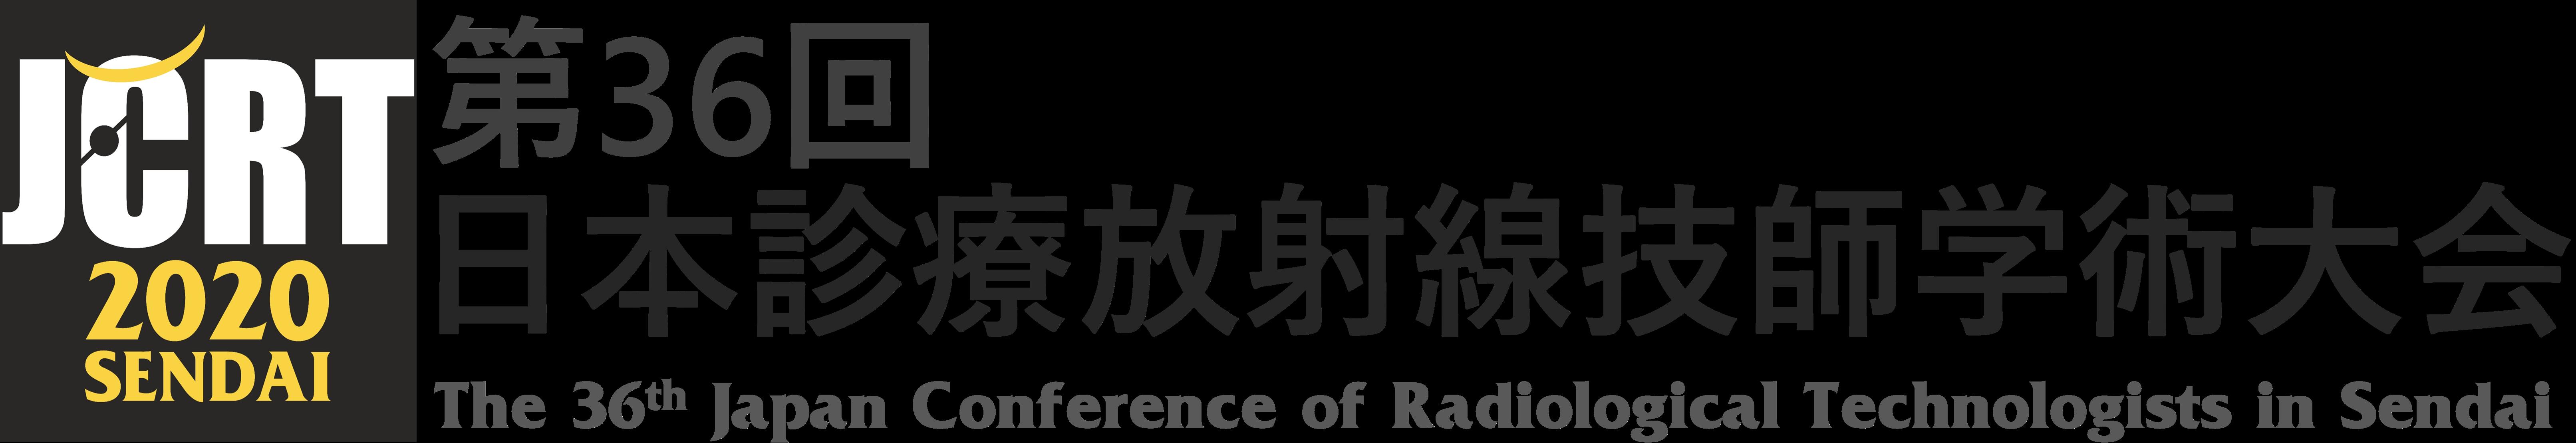 第36回日本診療放射線技師学術大会